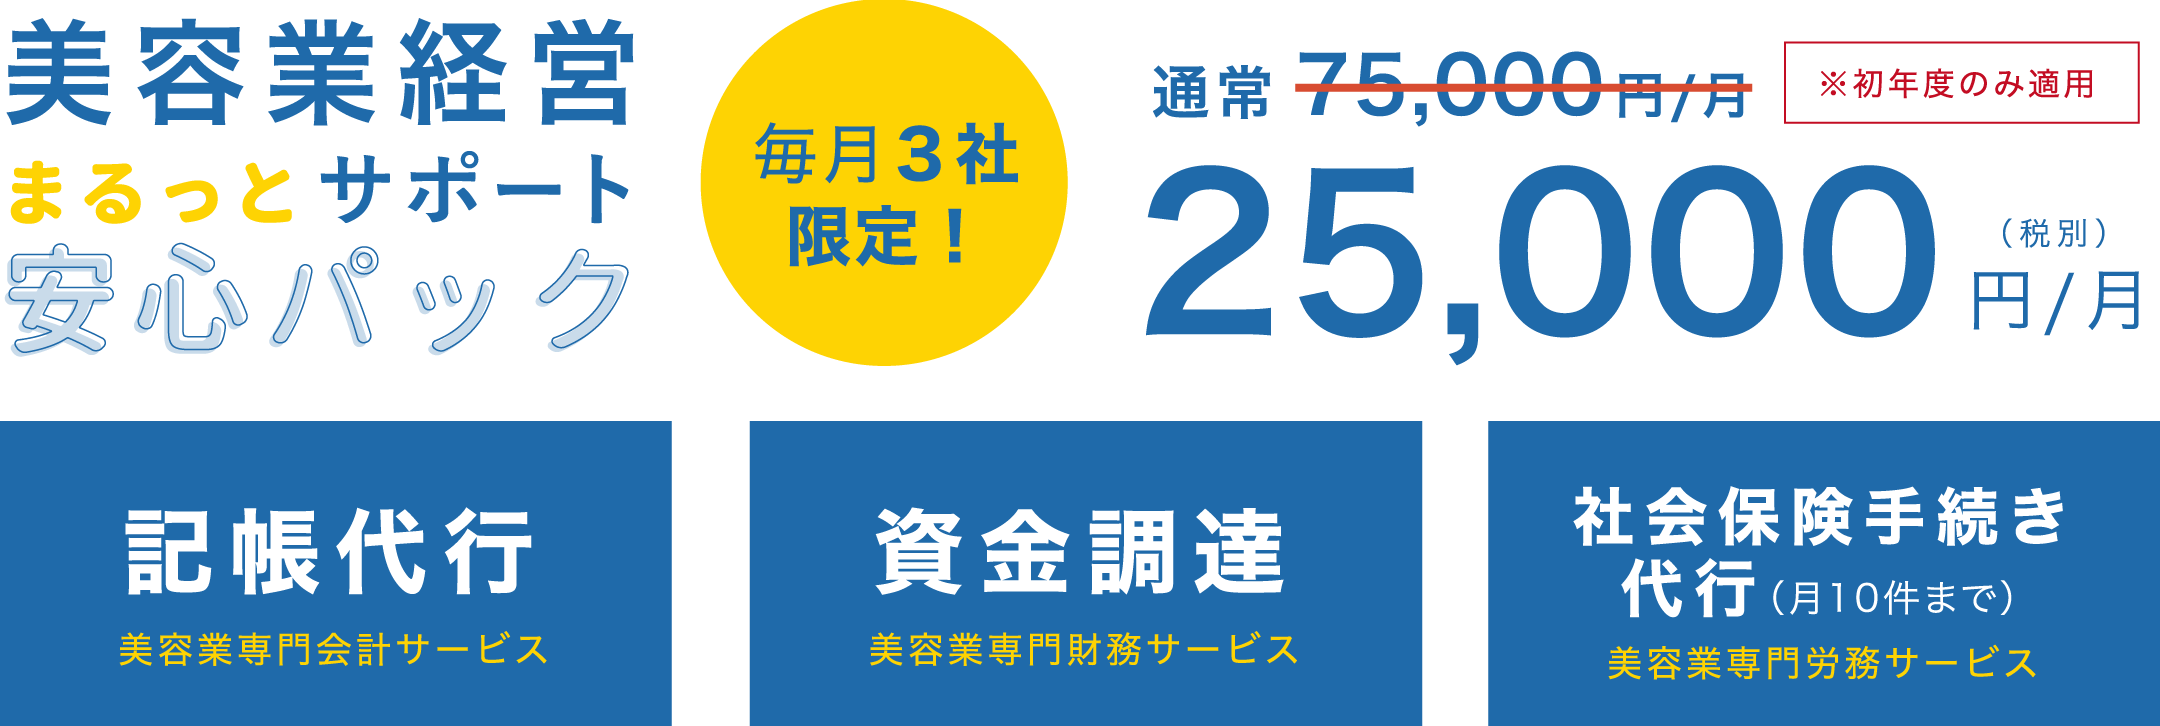 25,000円 / 月